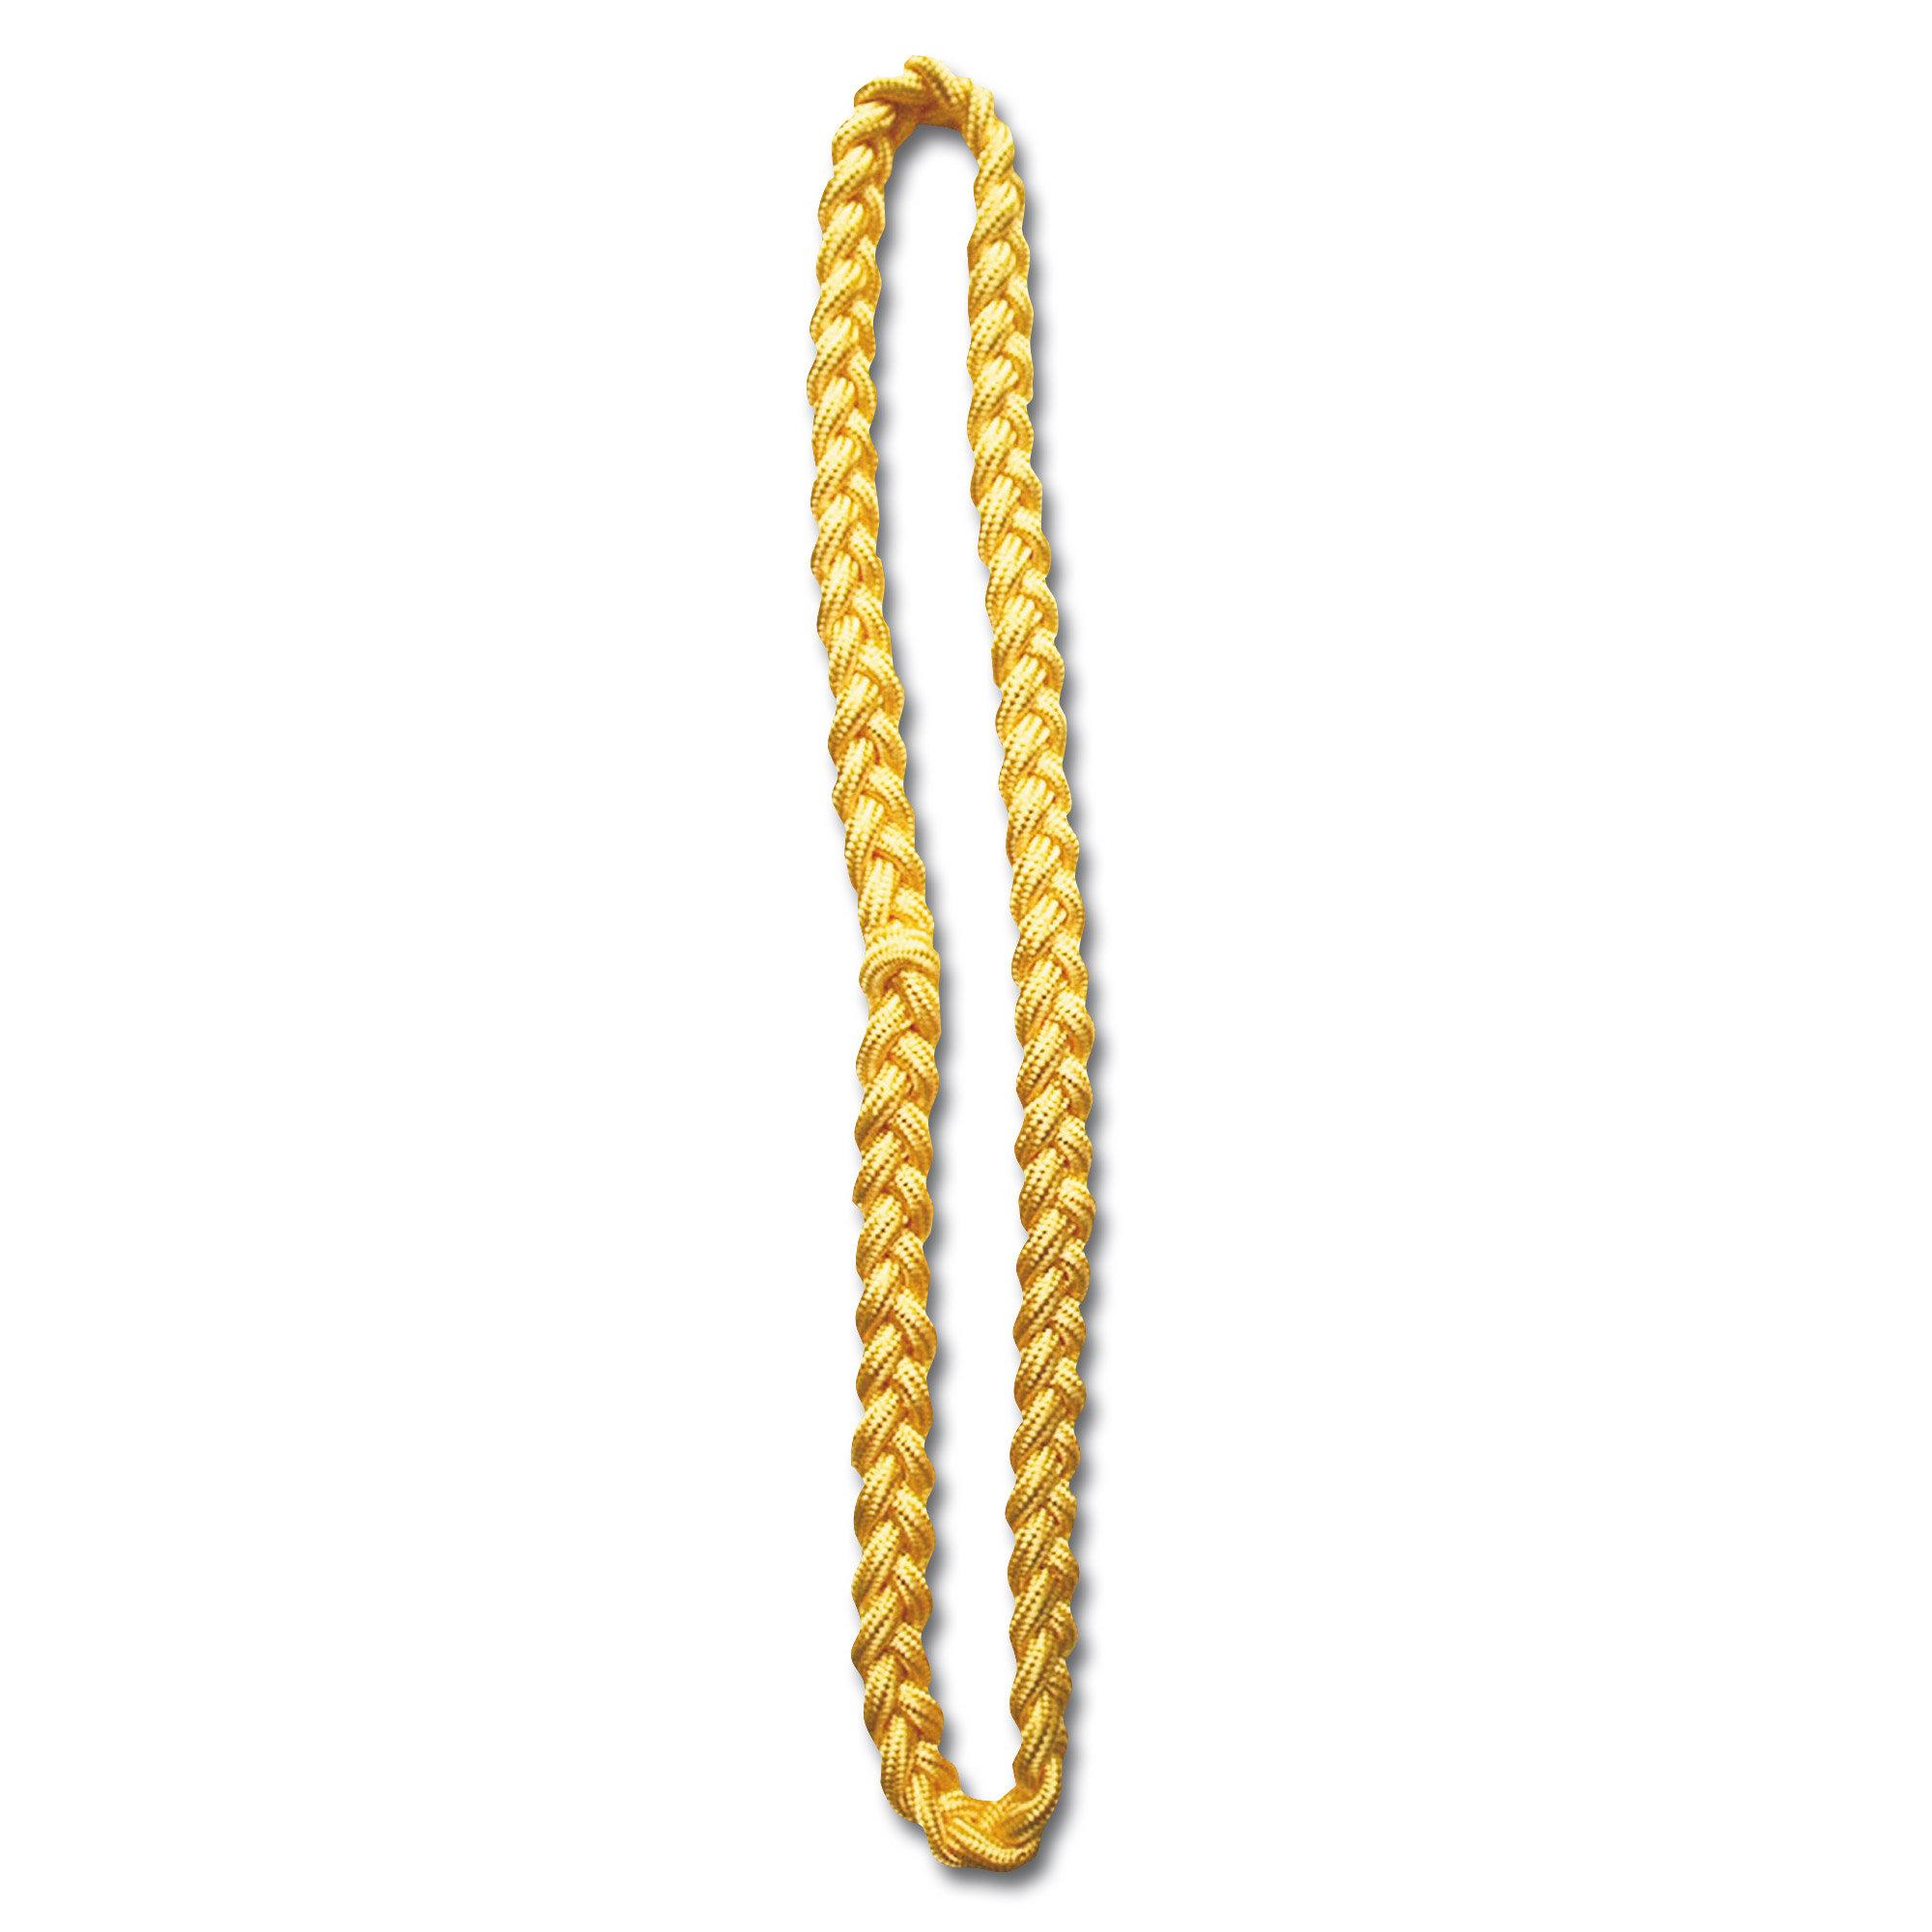 German Shoulder Cord gold